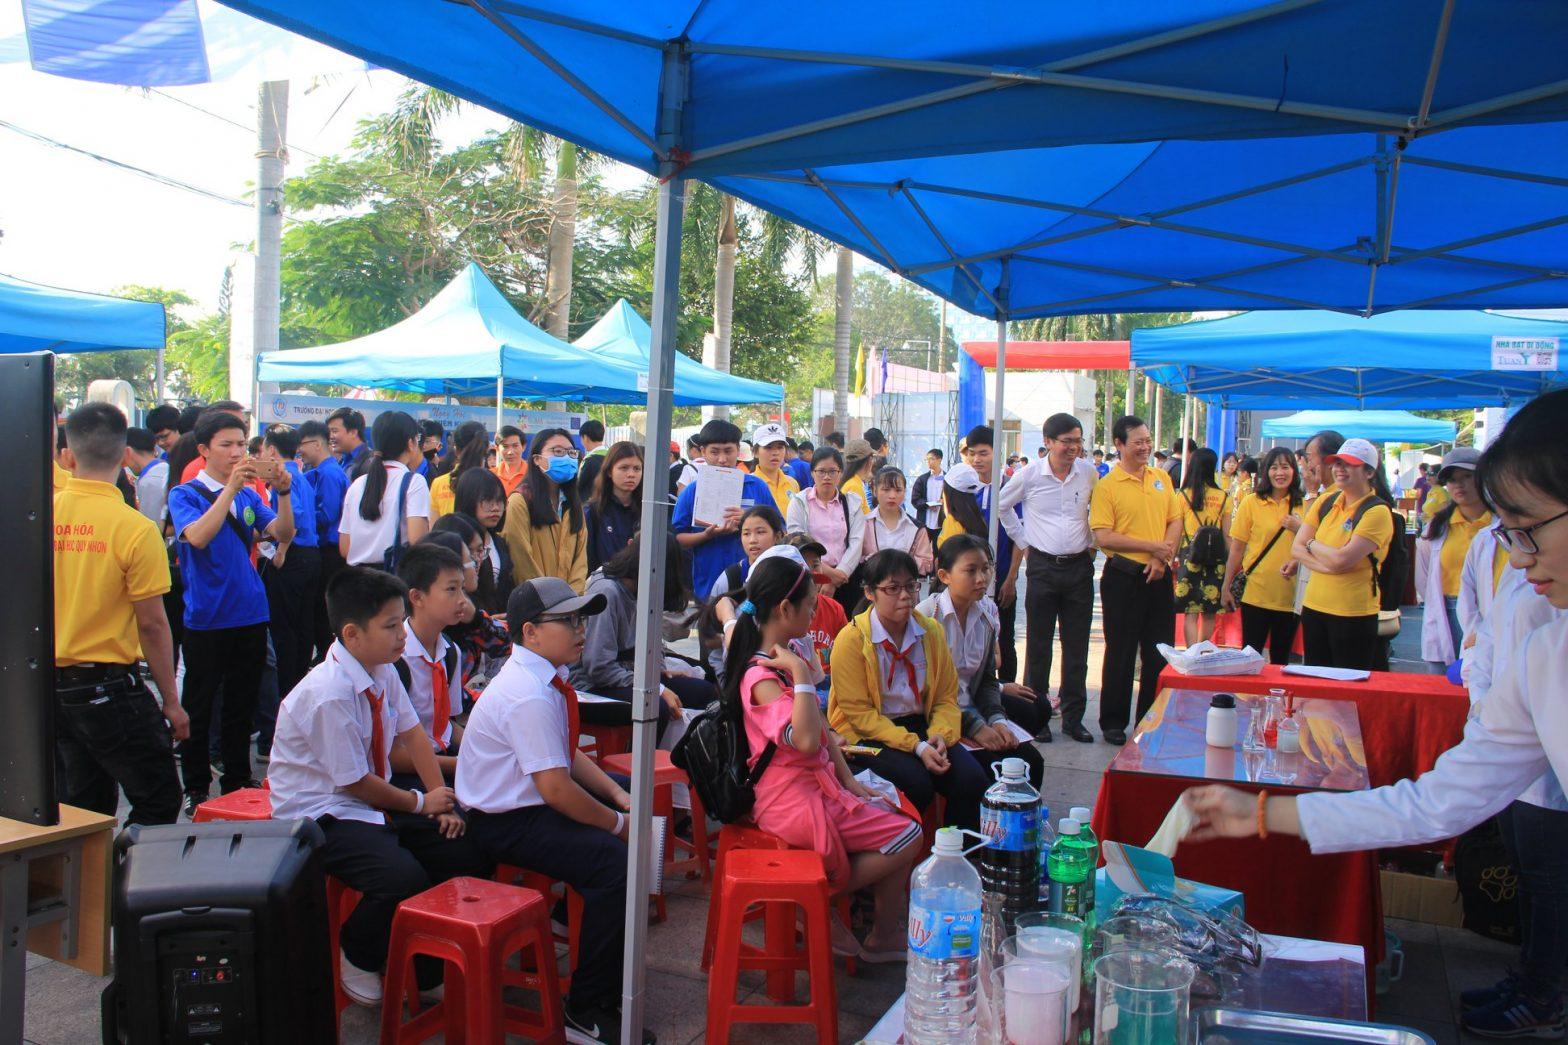 Ngày hội trải nghiệm Khoa học tại Trường Đại học Quy Nhơn